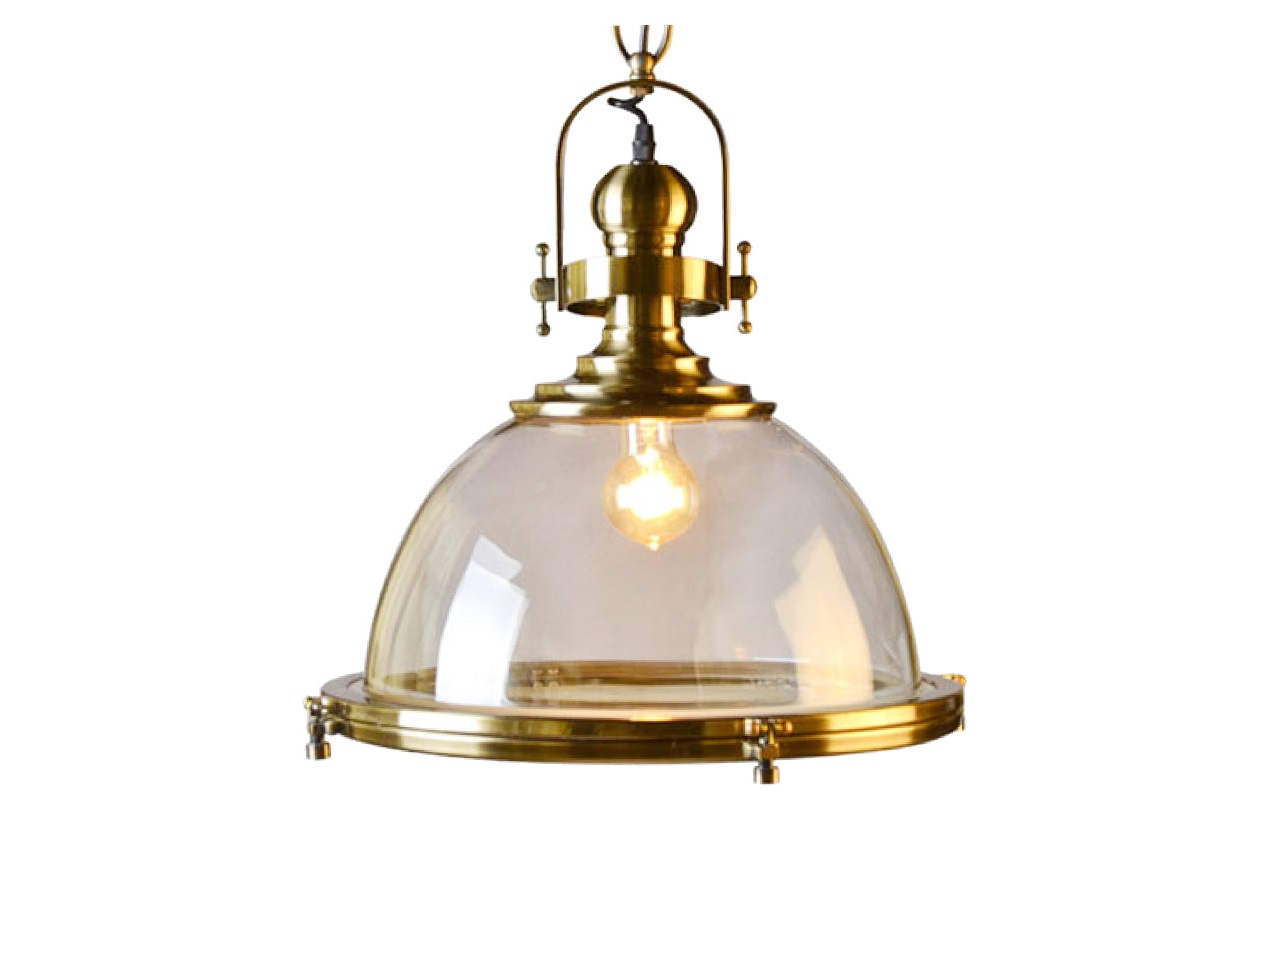 Люстра Polomna ChandelierПодвесные светильники<br>&amp;quot;Polomna Chandelier&amp;quot; ? пример невероятной элегантности и утонченности, которыми может быть наполнено оформление в стиле лофт. Светильник, по определению являющийся сдержанным и строгим, выглядит изящно за счет оригинального плафона. Стеклянная конструкция добавляет воздушность винтажному силуэту. Дизайн светильника не лишен промышленной брутальности ? она выражена в холодности прочного металла и темной дымке, придающей мрачность хрупкой конструкции.&amp;lt;div&amp;gt;&amp;lt;br&amp;gt;&amp;lt;/div&amp;gt;&amp;lt;div&amp;gt;Купол плафона выполнен из стекла дымчатого цвета.&amp;lt;/div&amp;gt;&amp;lt;div&amp;gt;Высота светильника регулируется.&amp;lt;/div&amp;gt;&amp;lt;div&amp;gt;Цоколь: E27&amp;lt;/div&amp;gt;&amp;lt;div&amp;gt;Мощность: 60W&amp;lt;/div&amp;gt;&amp;lt;div&amp;gt;Количество ламп: 1&amp;lt;/div&amp;gt;&amp;lt;div&amp;gt;Лампа в комплект не входит&amp;lt;/div&amp;gt;<br><br>Material: Металл<br>Height см: 52<br>Diameter см: 45